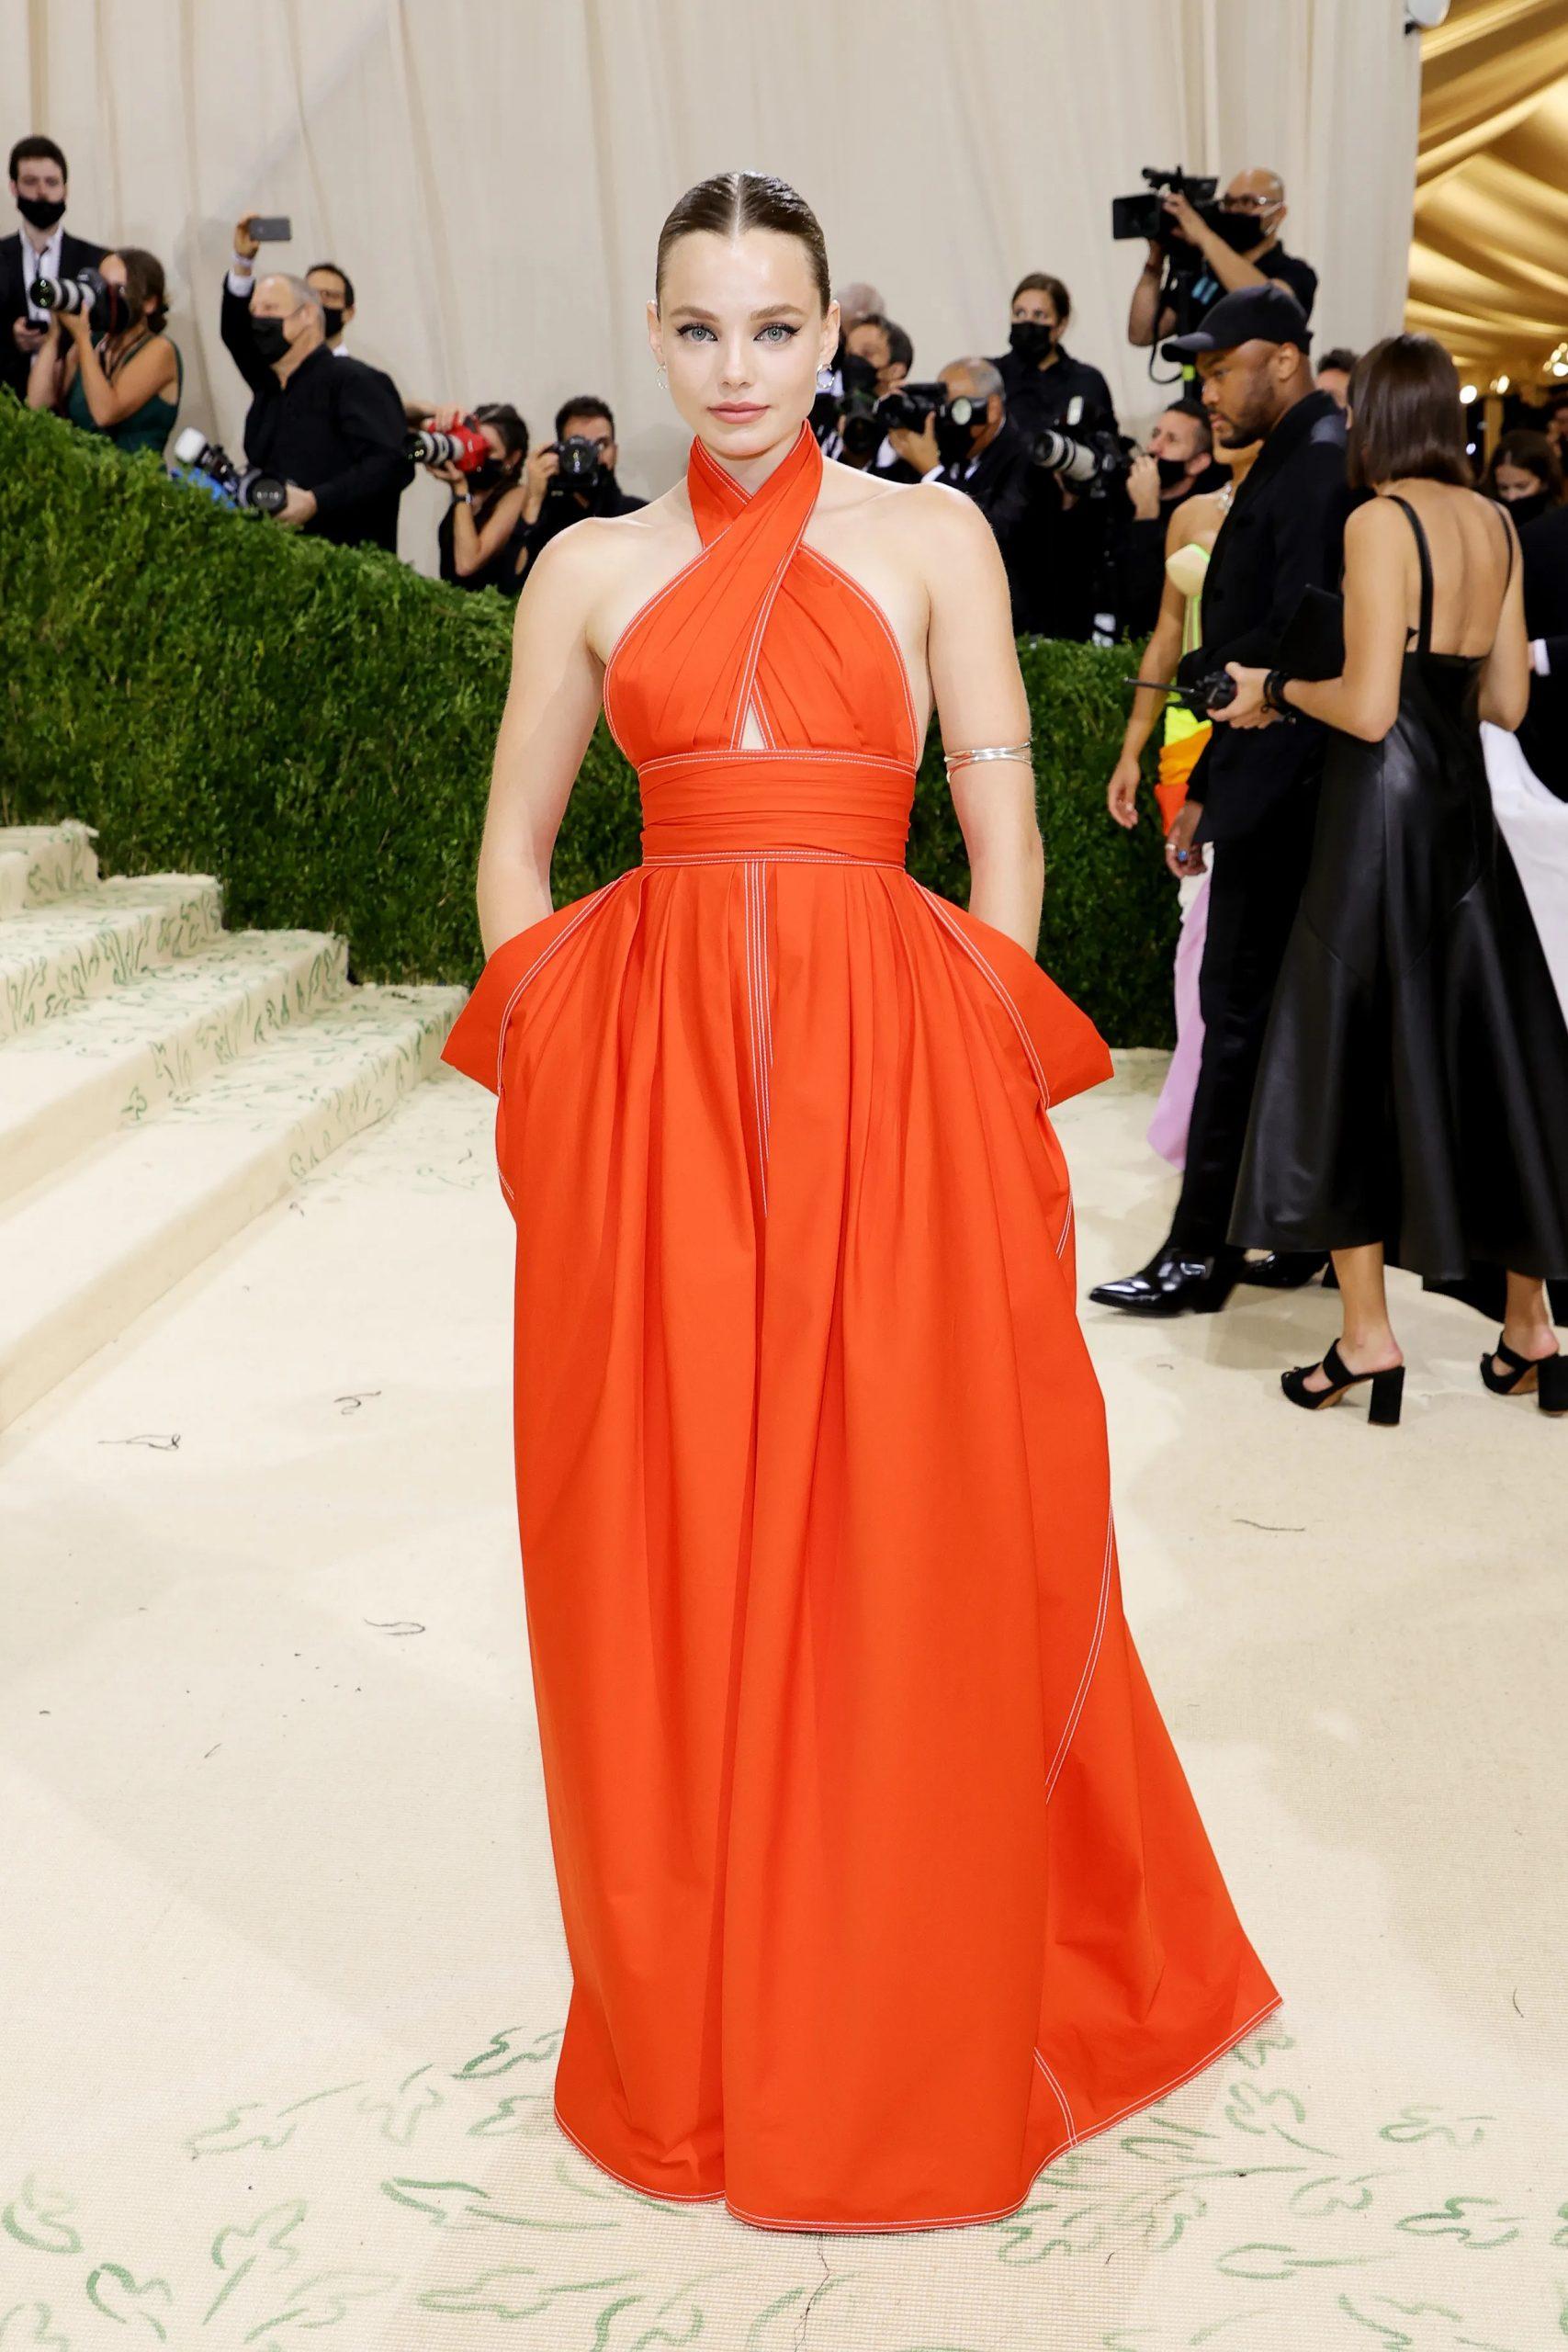 Kristine Froseth, MET GALA 2021, Los vestidos más cool y originales de la MET GALA 2021 - Wedding Hub - 01